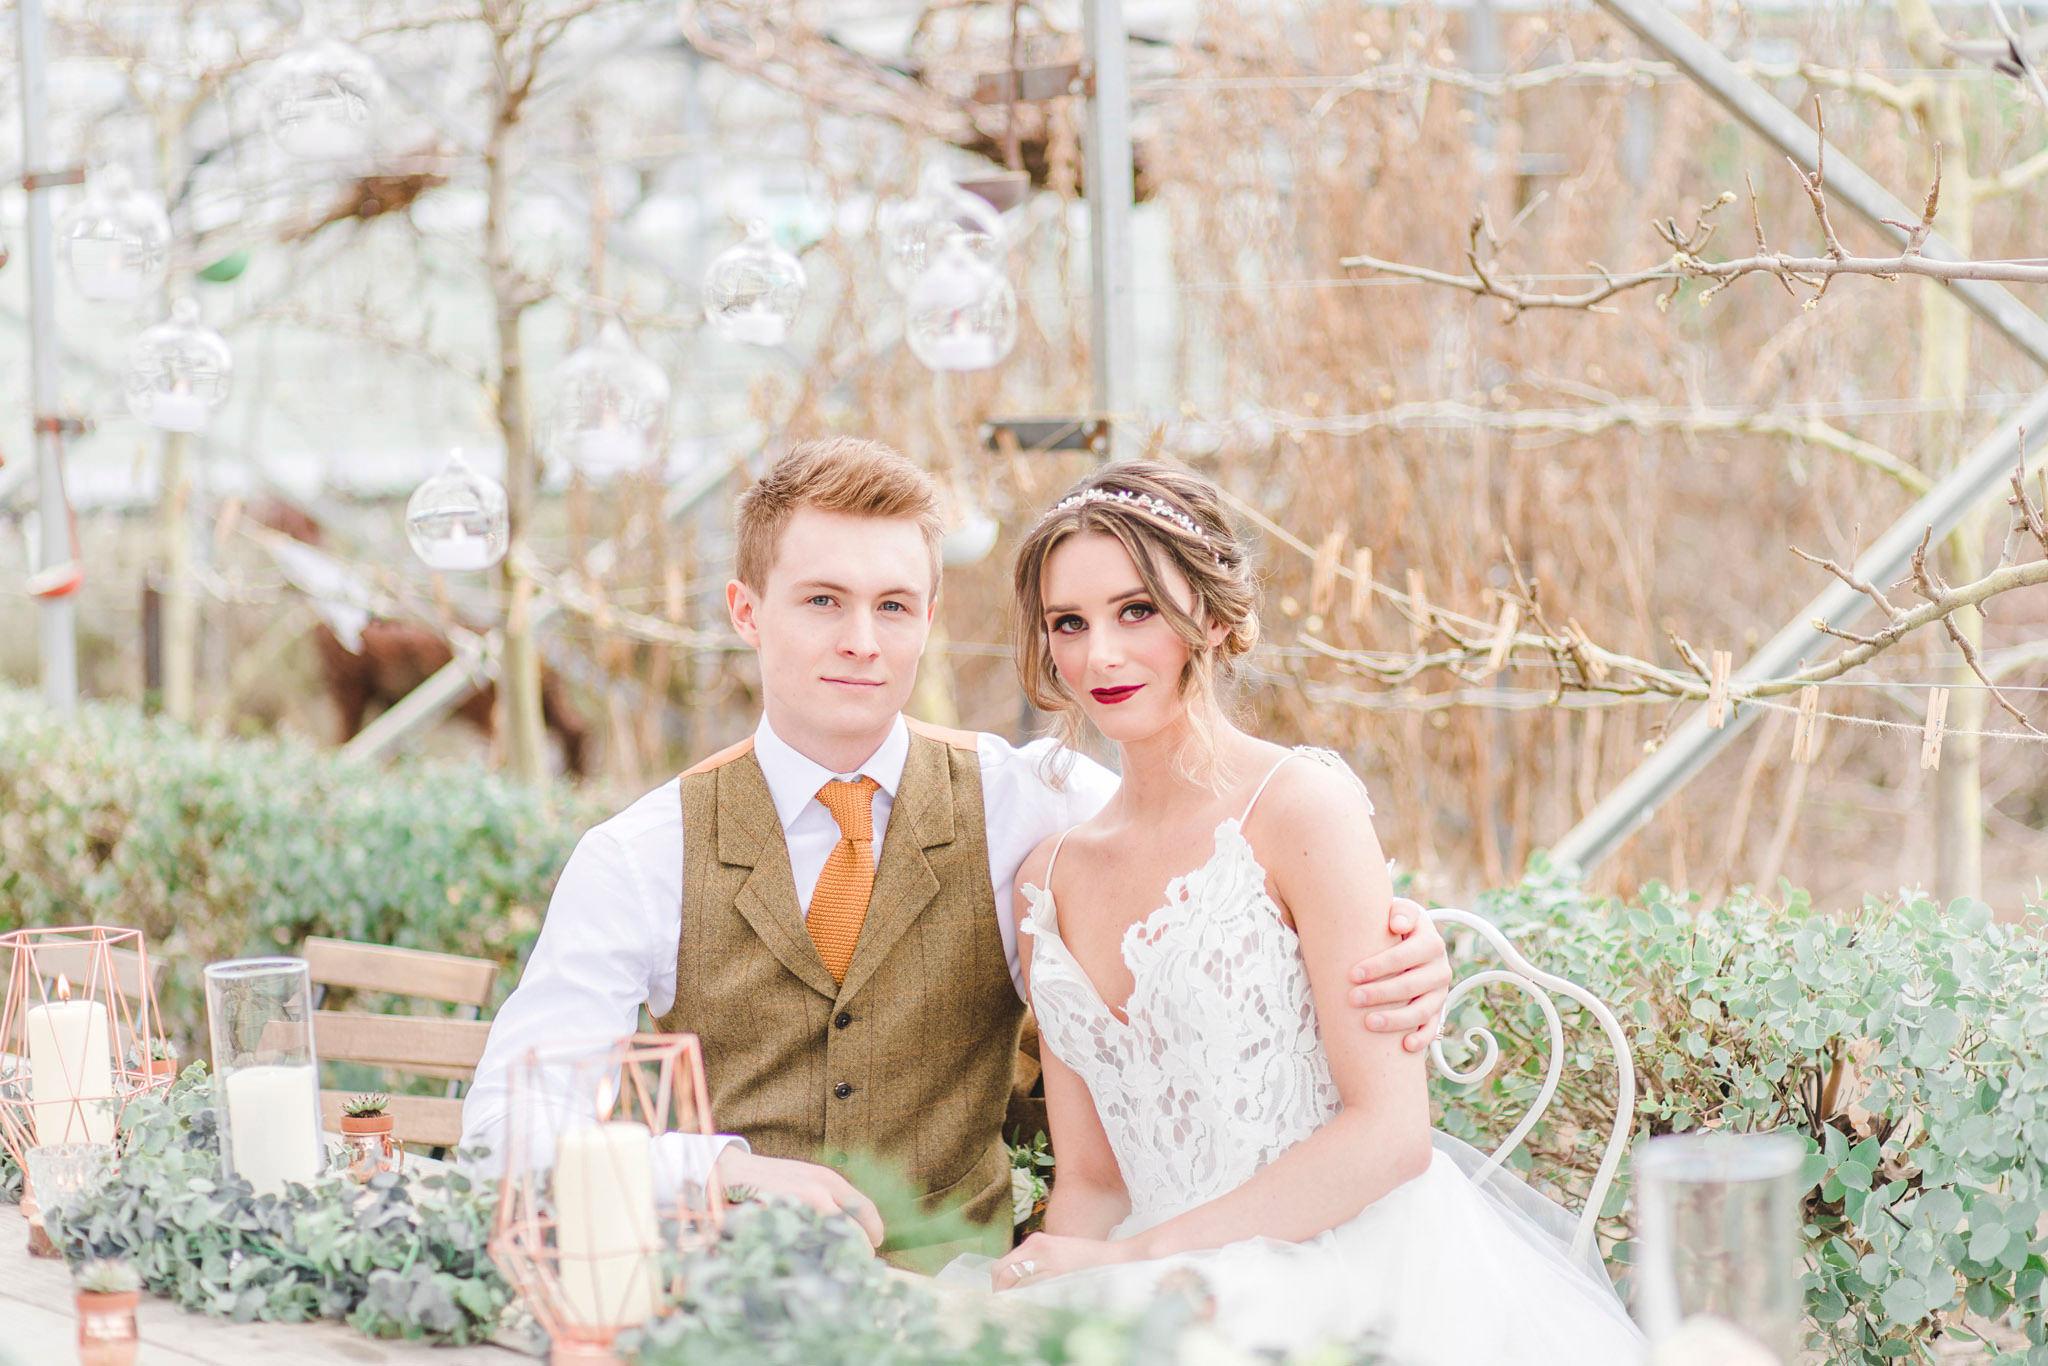 secret-herb-garden-wedding-photographer-edinburgh-30.jpg